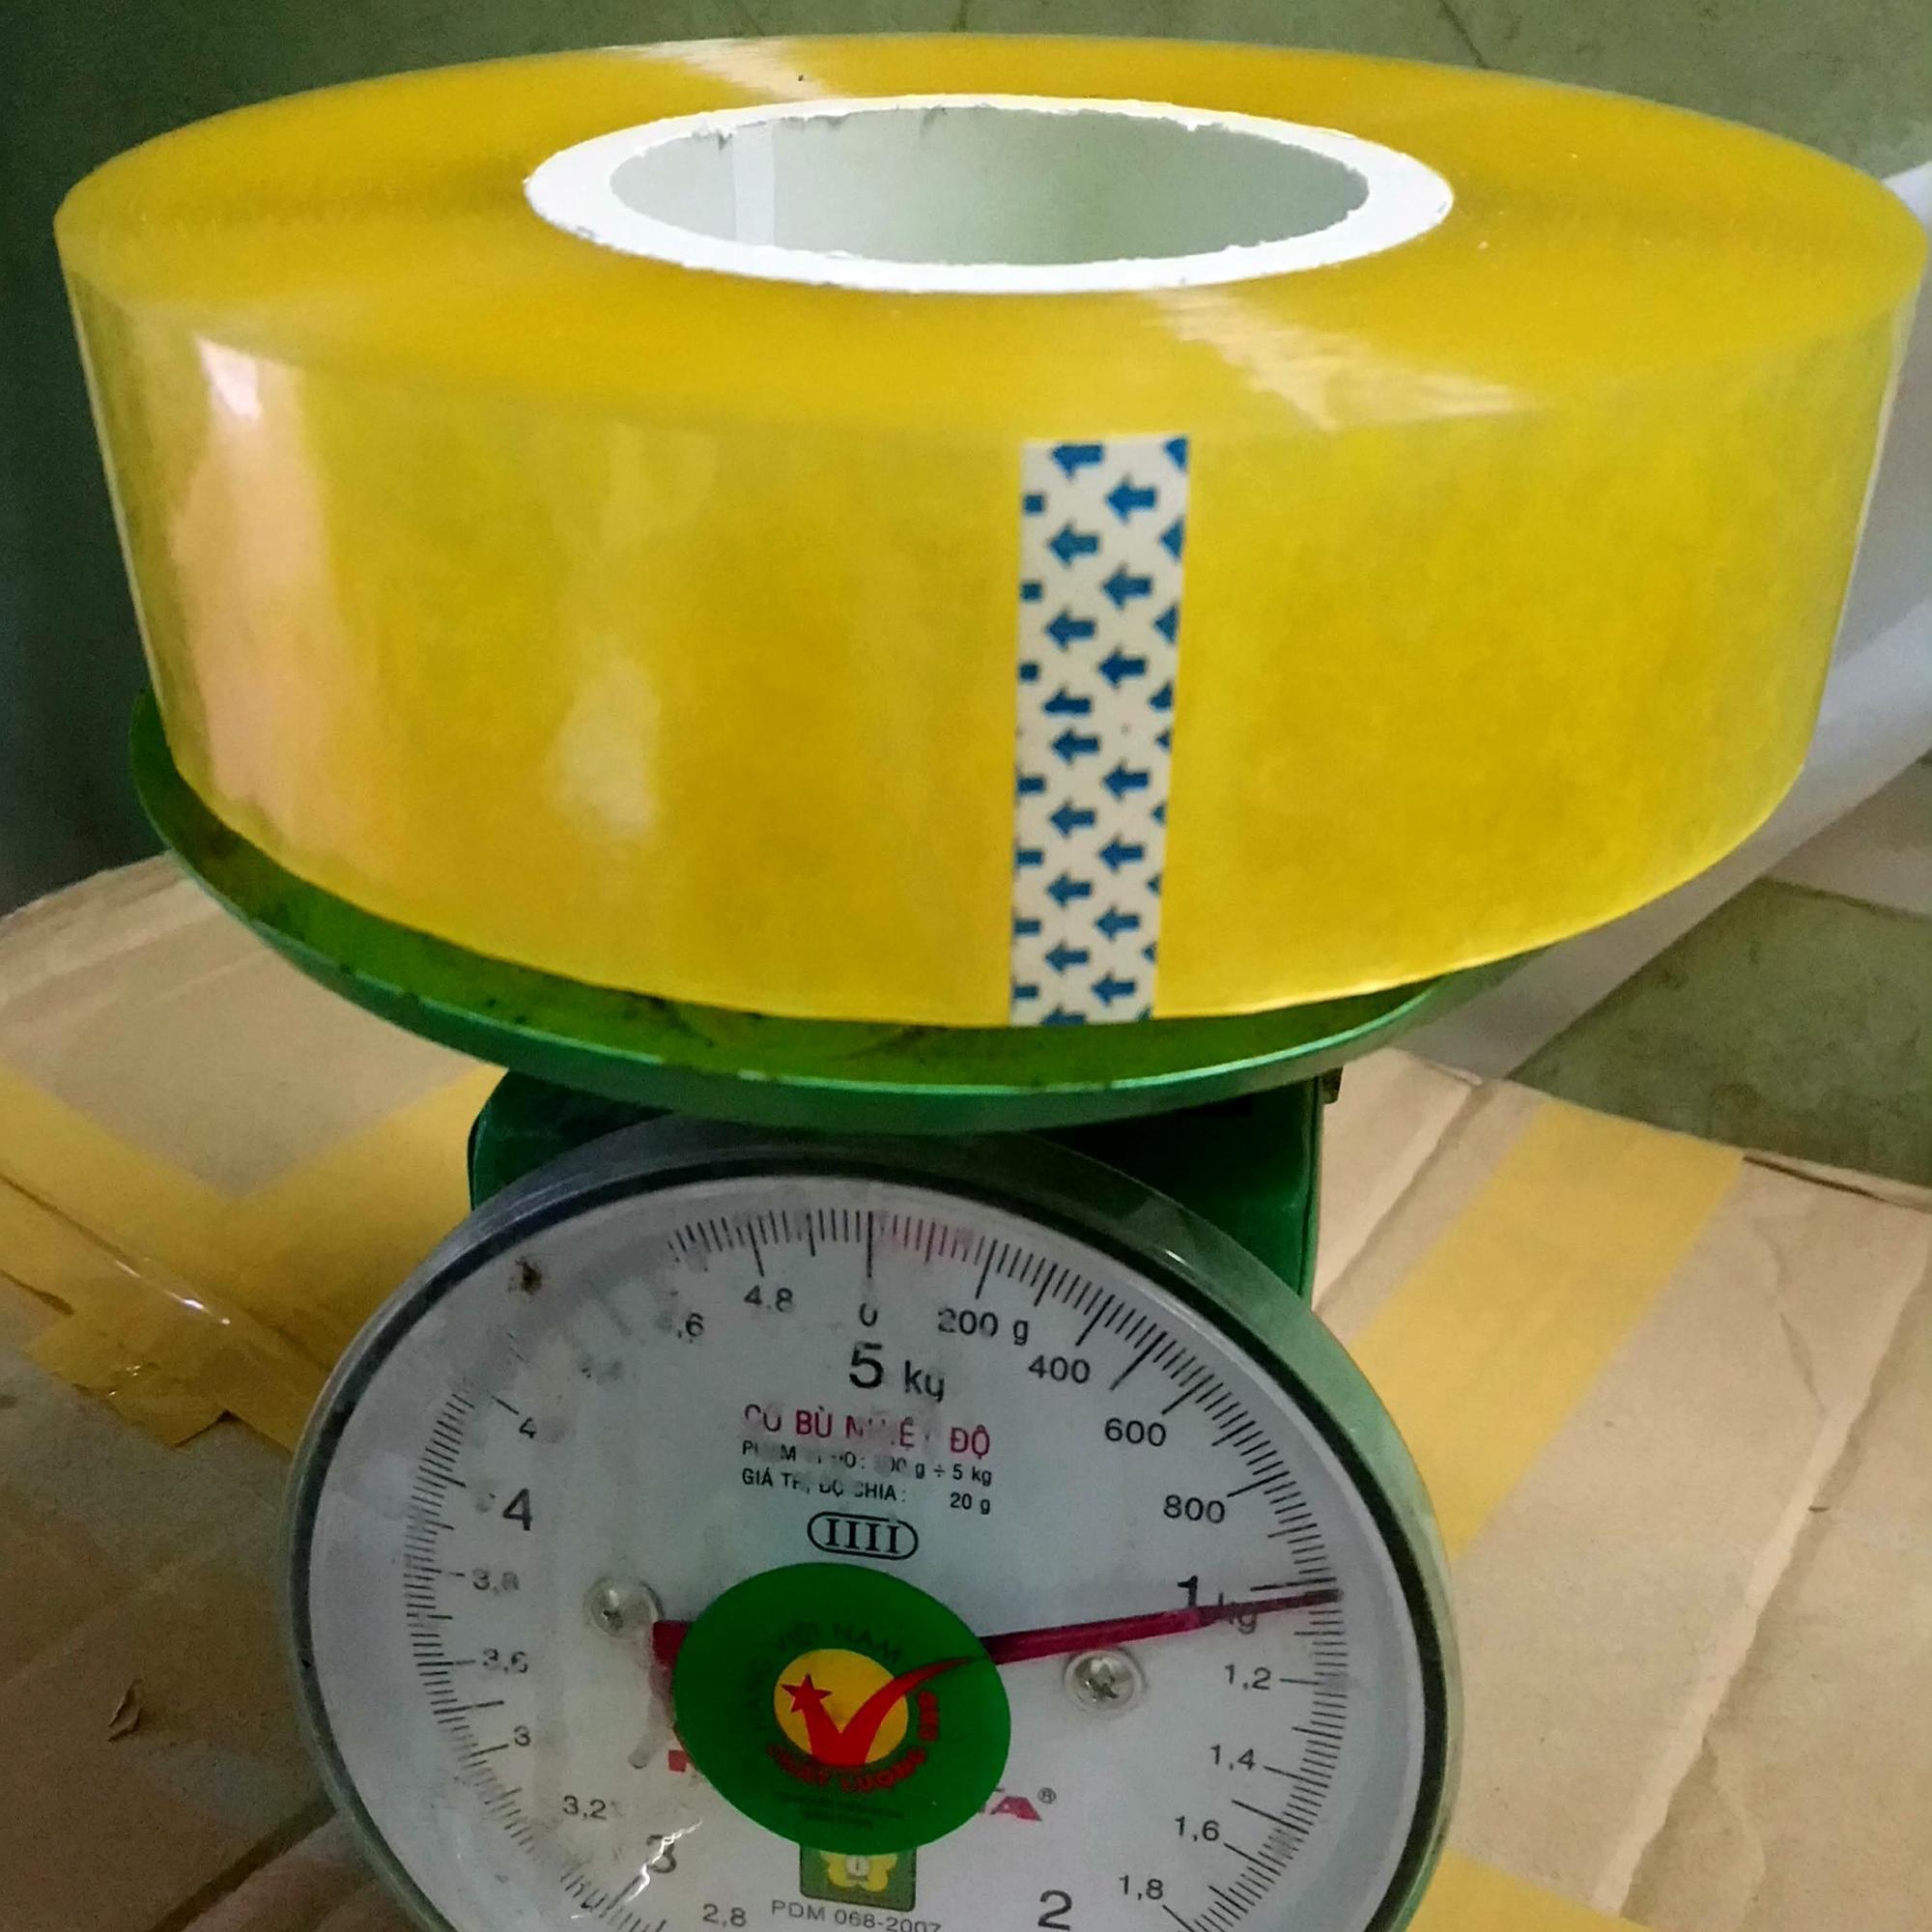 Mua Băng dính 1kg/ 1cuộn lõi nhựa ,thích hợp các shop đóng hàng ,siêu rẻ, siêu tiết kiệm